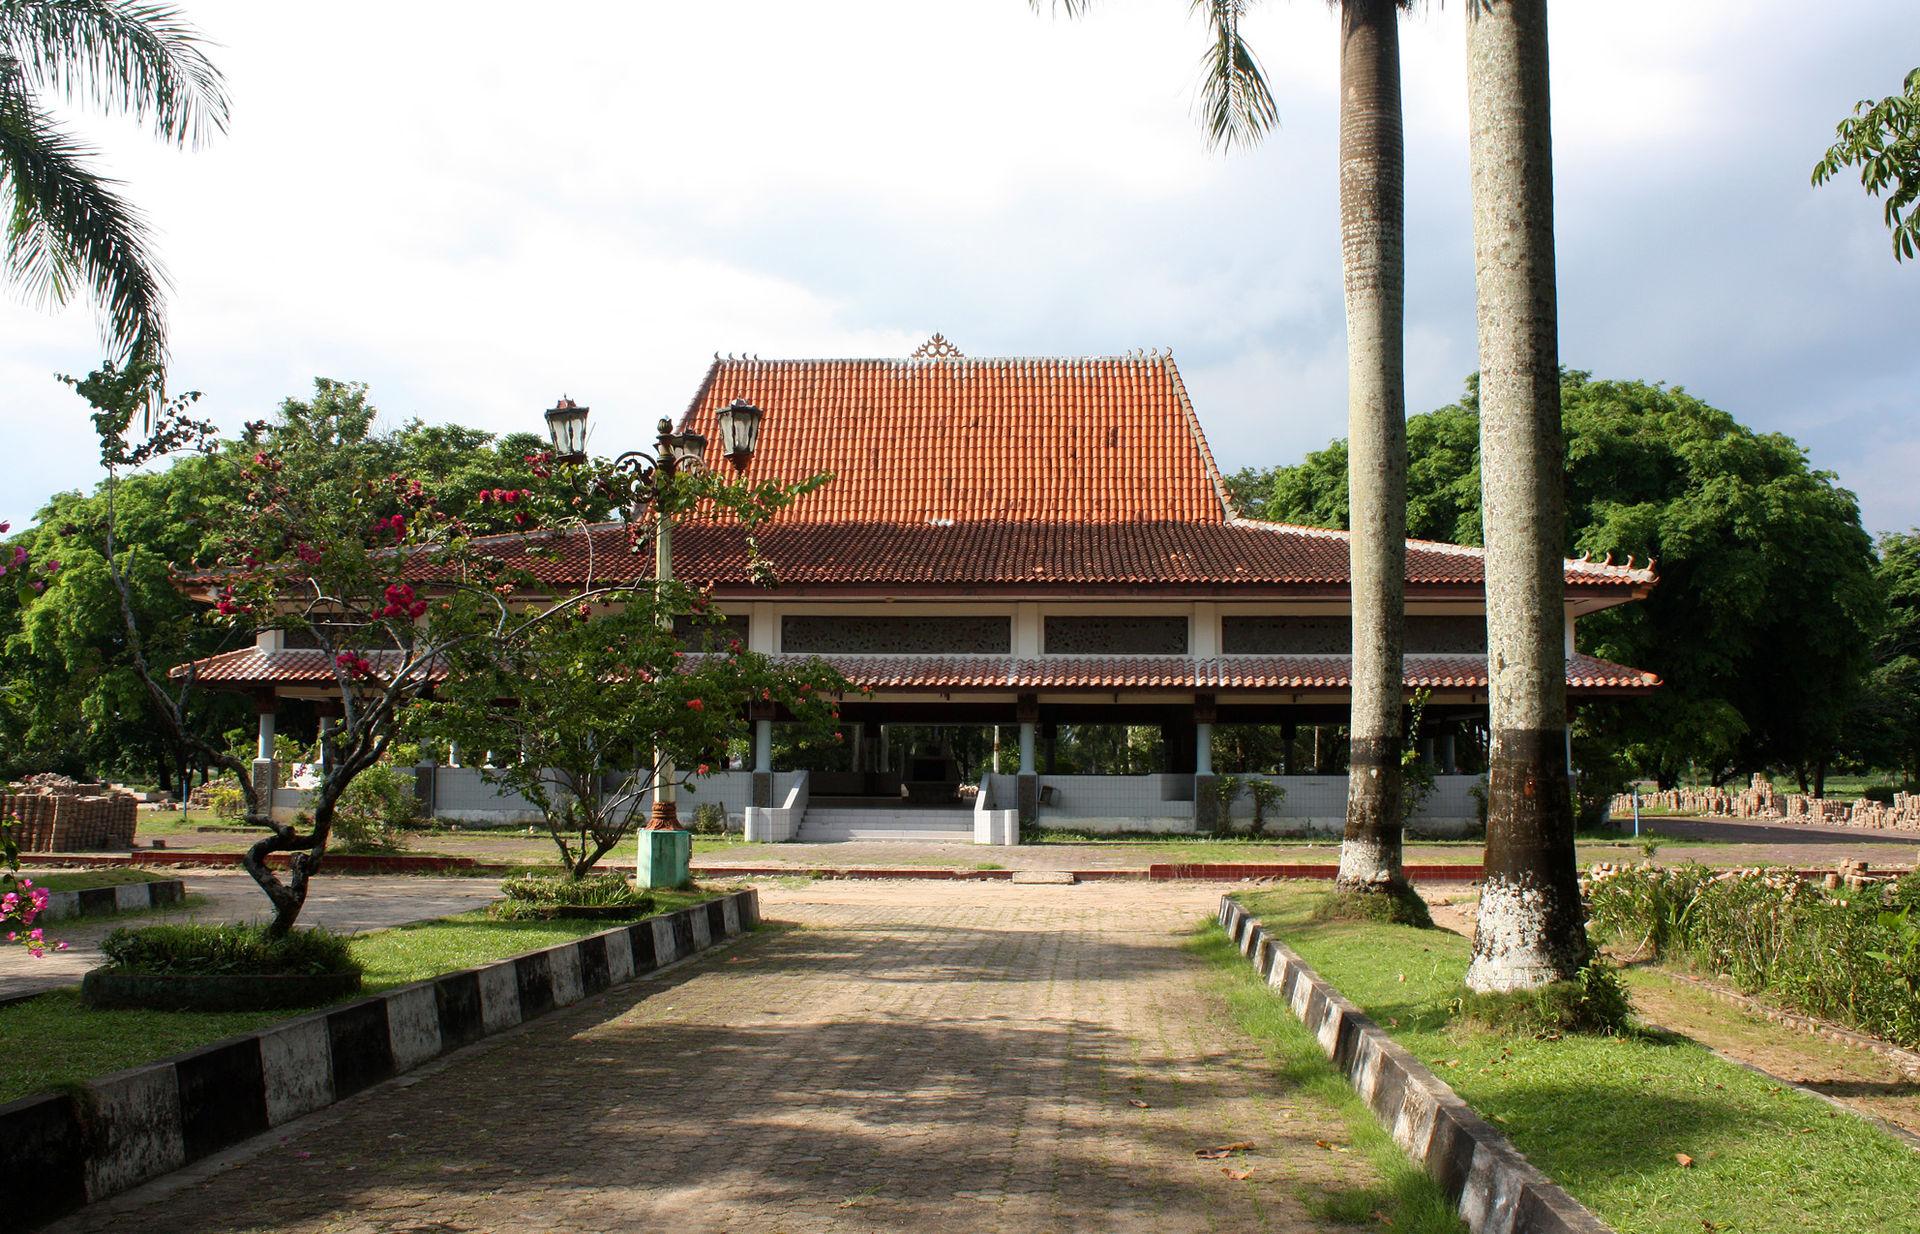 Taman Purbakala Kerajaan Sriwijaya  Wikipedia bahasa